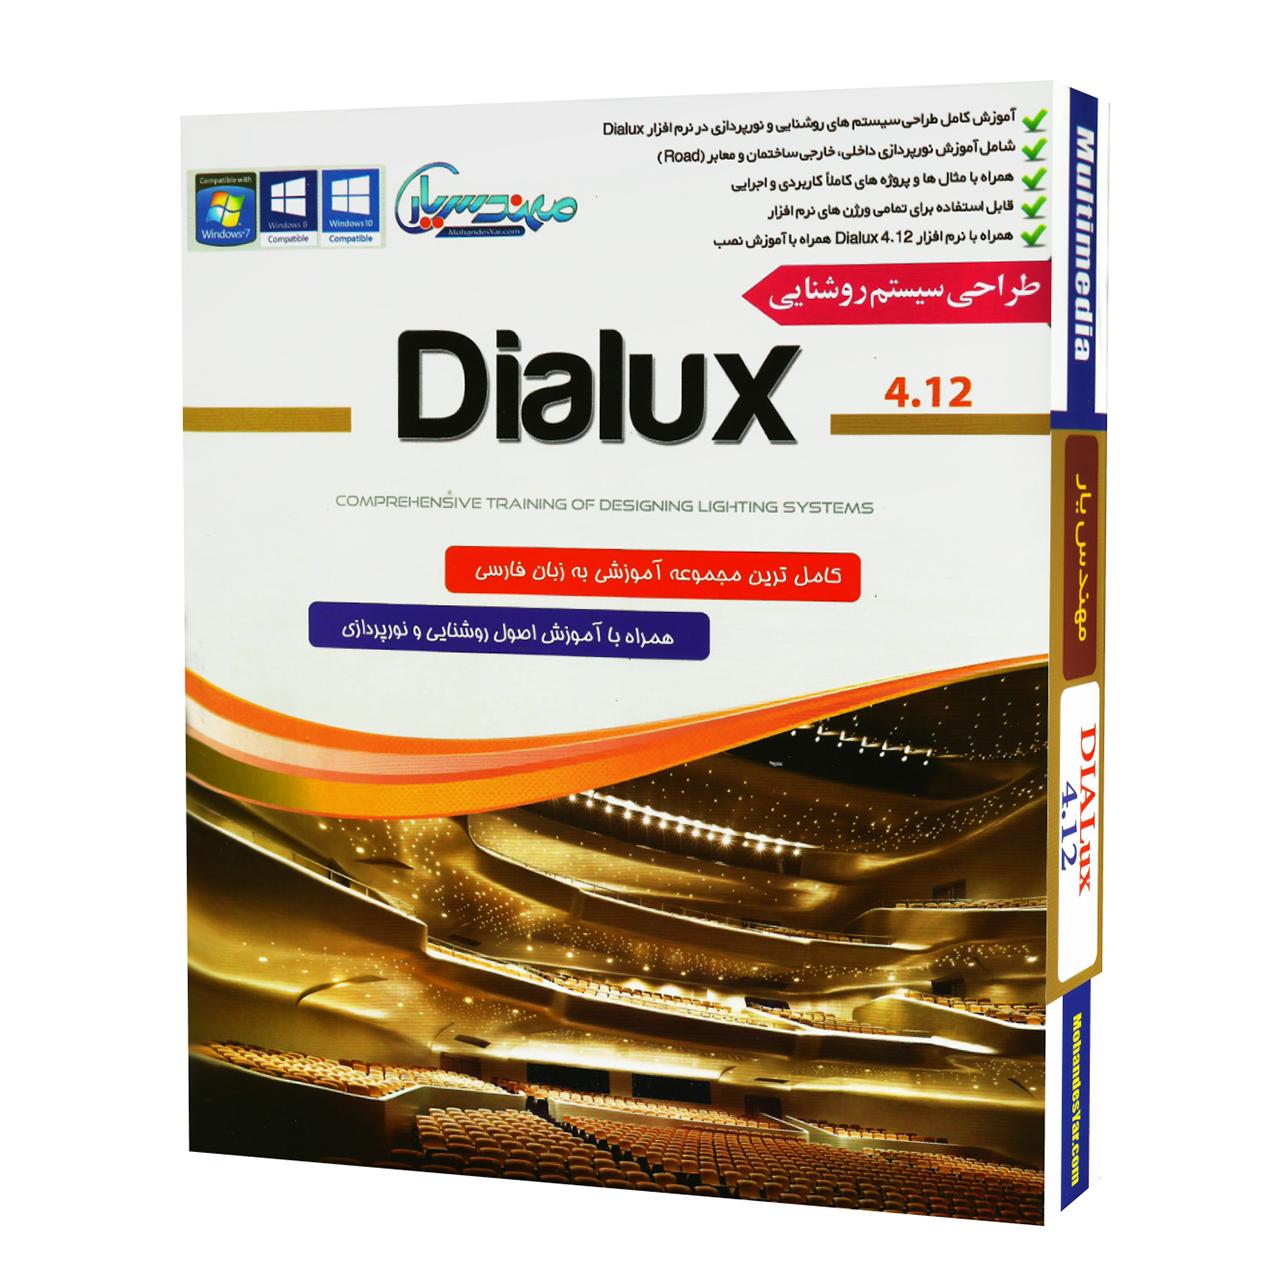 مجموعه آموزشی دیالوکس نشر مهندس یار